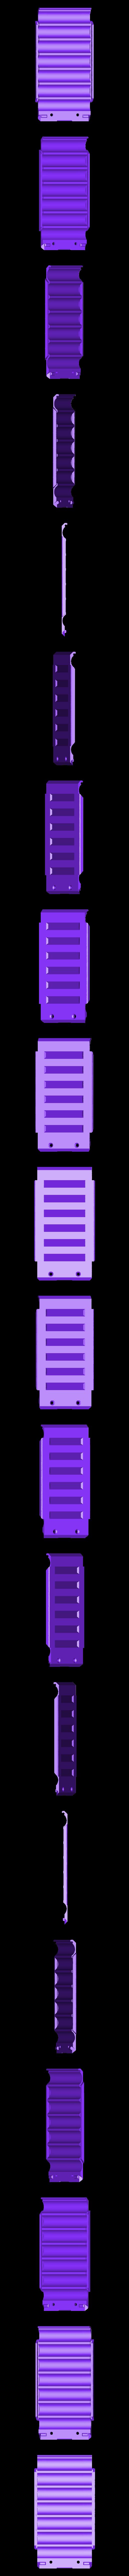 18650_7P_lid_V2.stl Télécharger fichier STL gratuit NESE, le module V2 sans soudure 18650 (FERMÉ) • Objet pour imprimante 3D, 18650